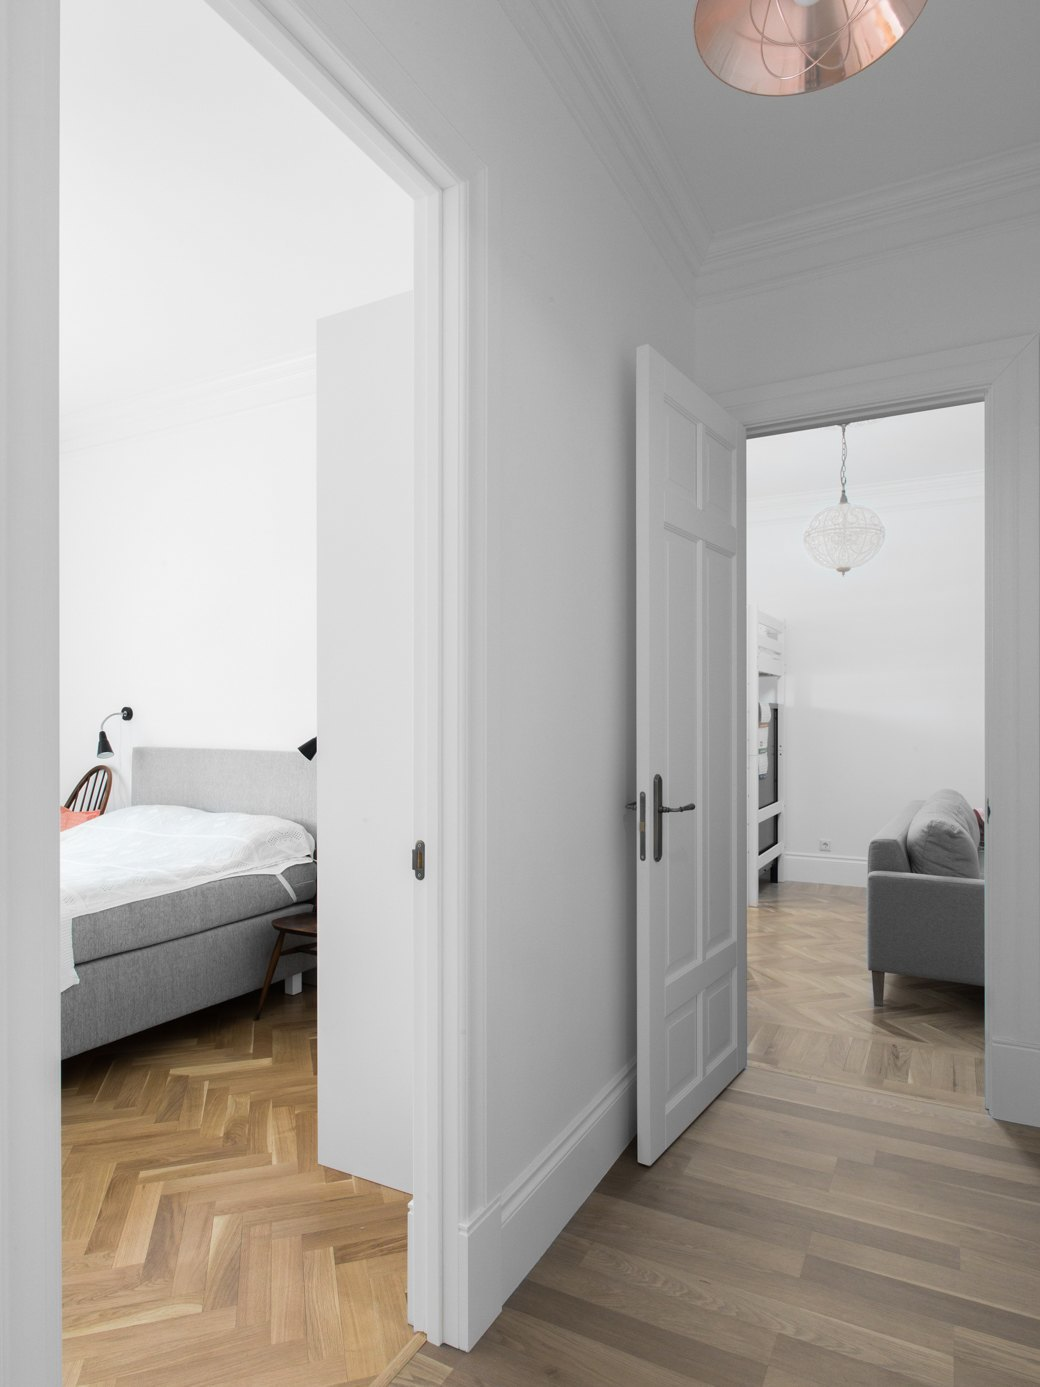 Лаконичная квартира вшведском стиле вновом доме наПетроградской стороне (Петербург). Изображение № 23.